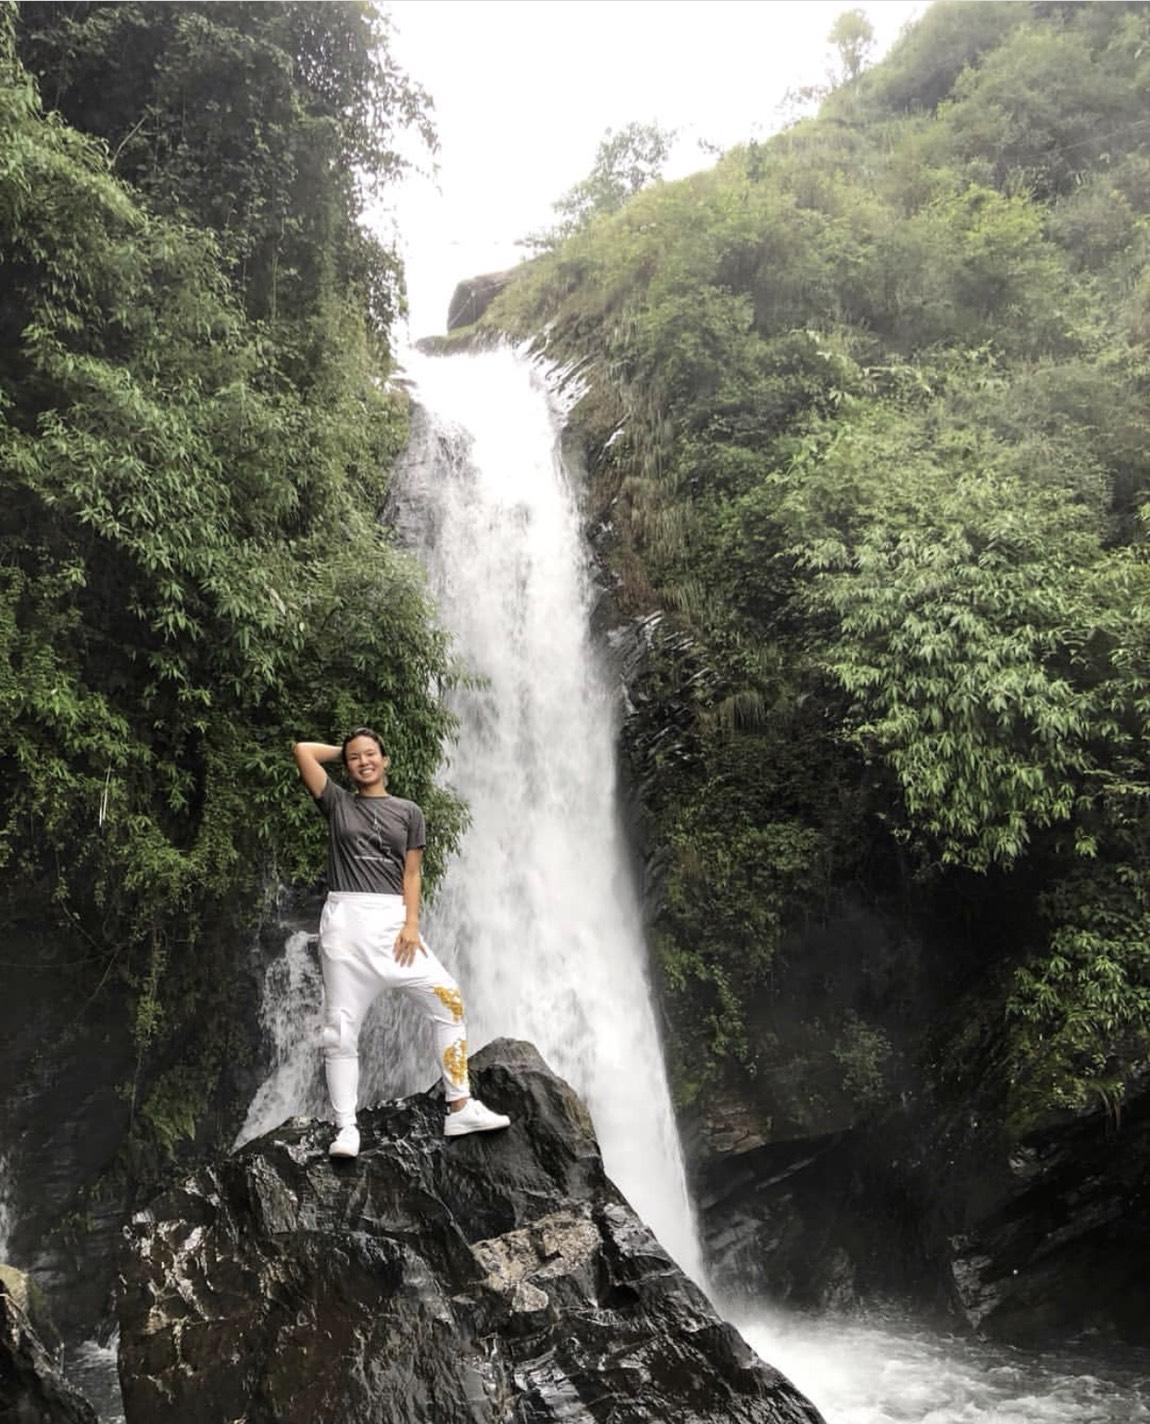 หวาดเสียว!อิ๊ป-ยุพาพักตร์ ยืนโพสต์ท่าถ่ายรูปที่หน้าน้ำตก Bhagsu Waterfall  เมือง ดารัมชาล่า